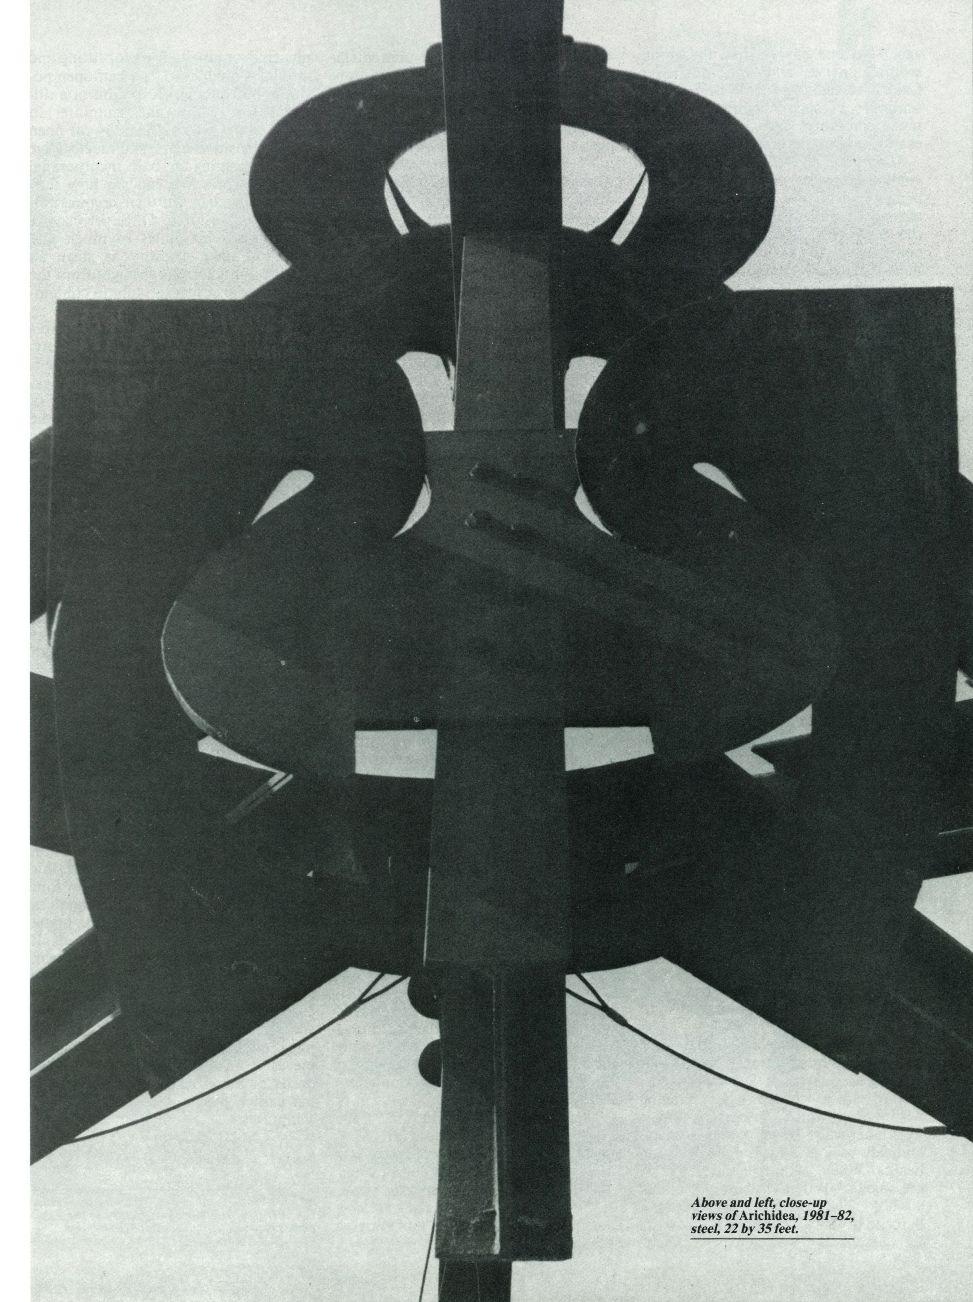 art_in_america_1983_di_suvero_page133